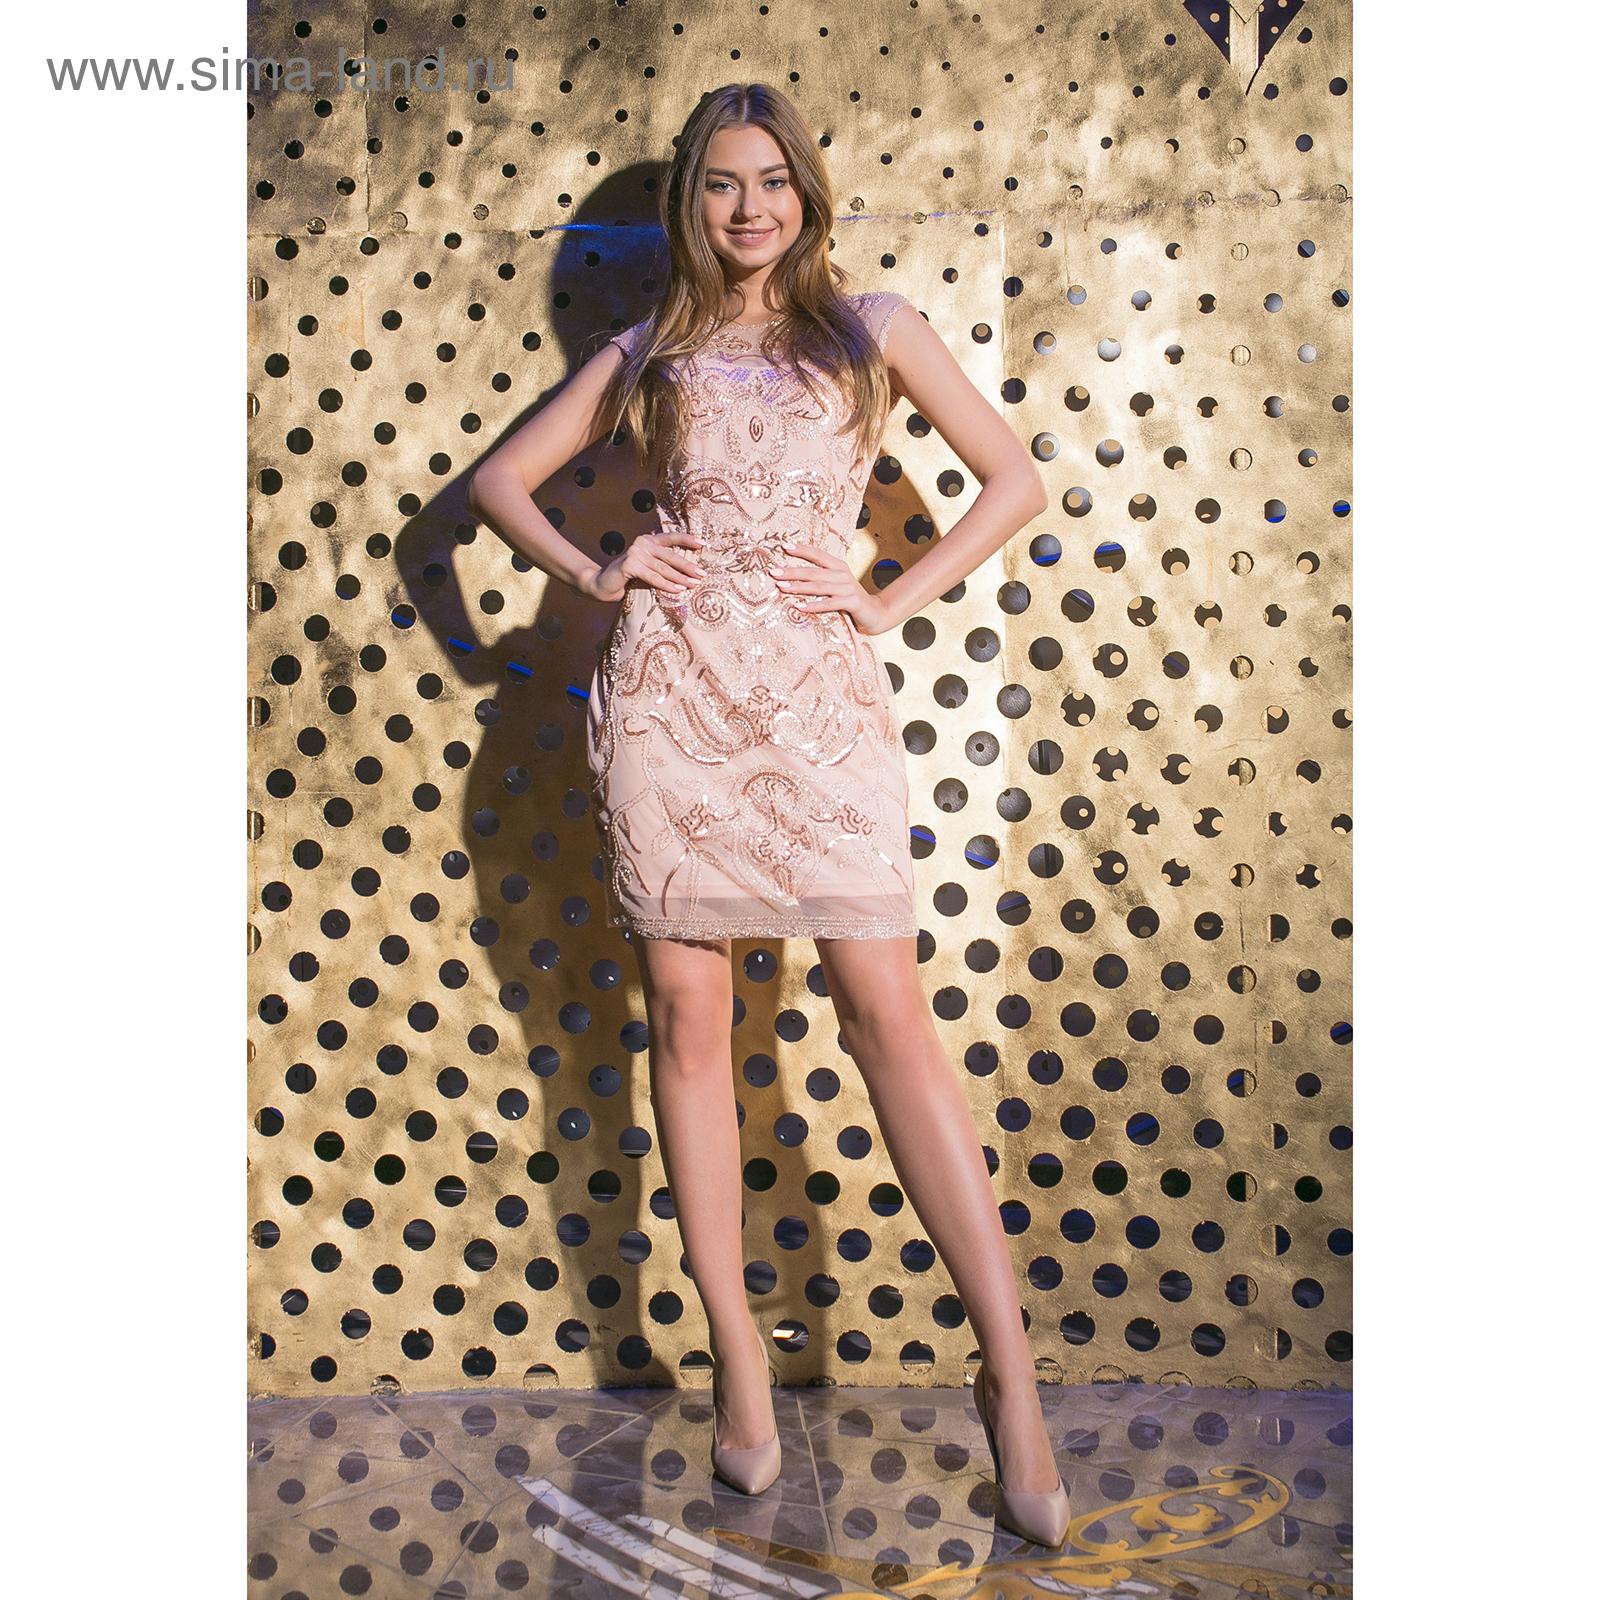 Платье-футляр с пайетками золото, р.42-44, цв.розовый (3659280 ... 0d2ee7d84a6